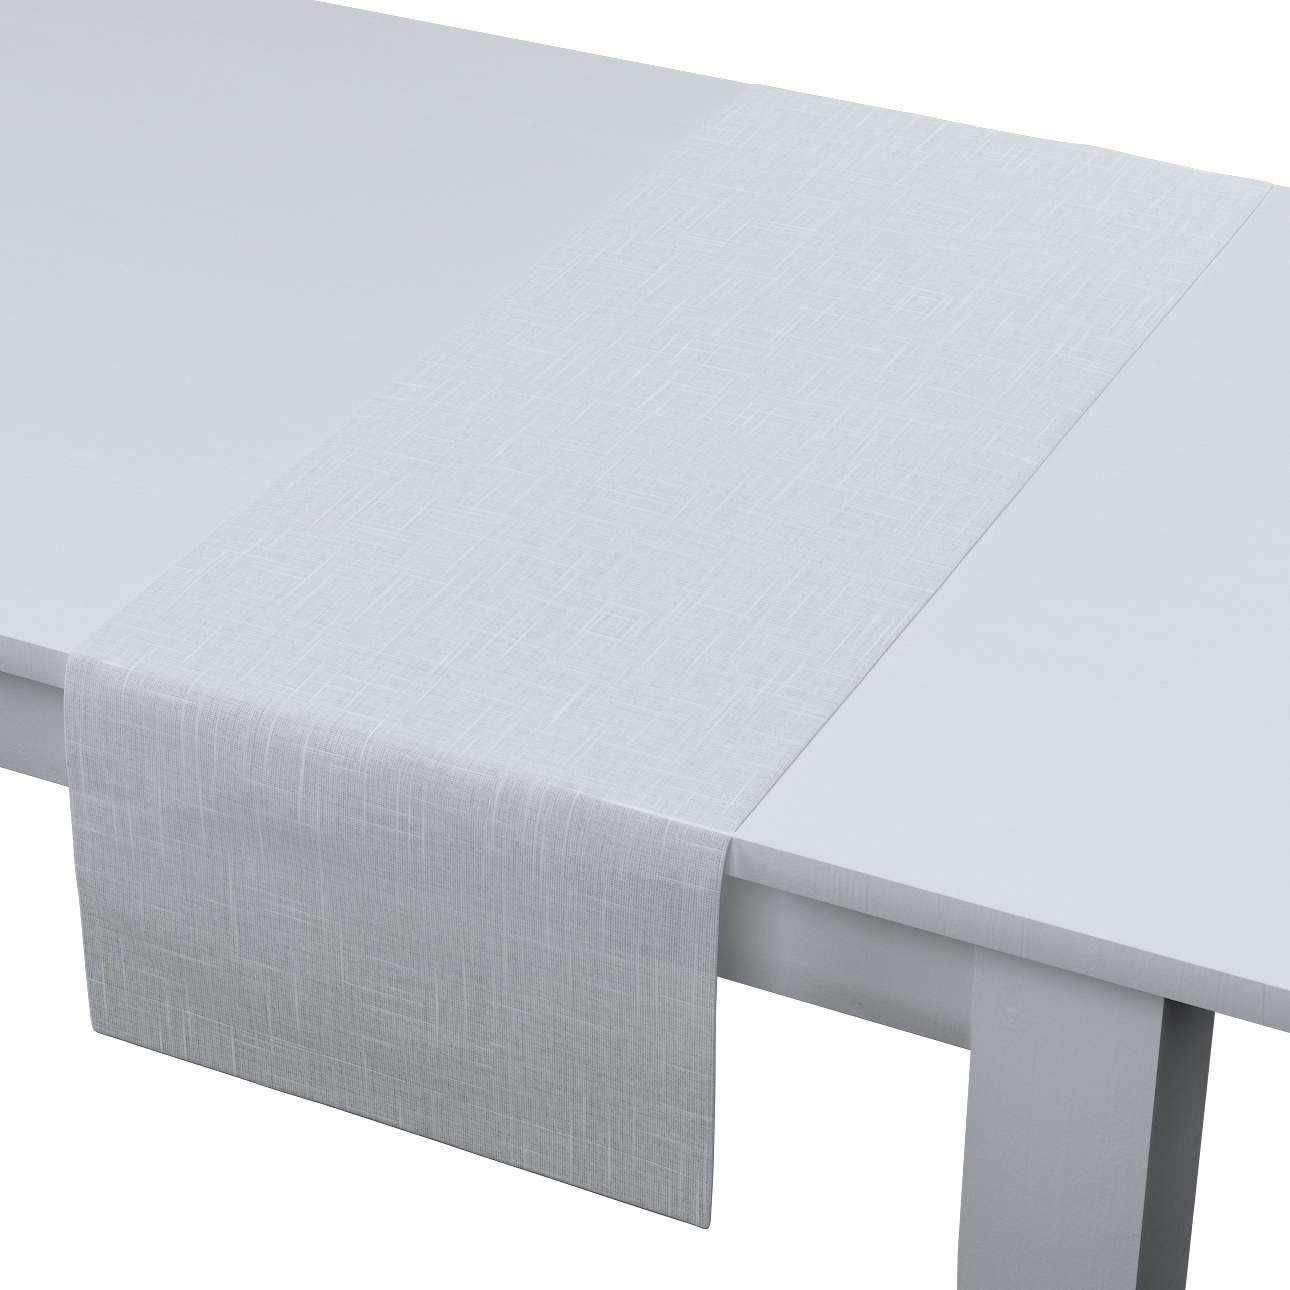 Štóla na stôl V kolekcii Romantica, tkanina: 128-77